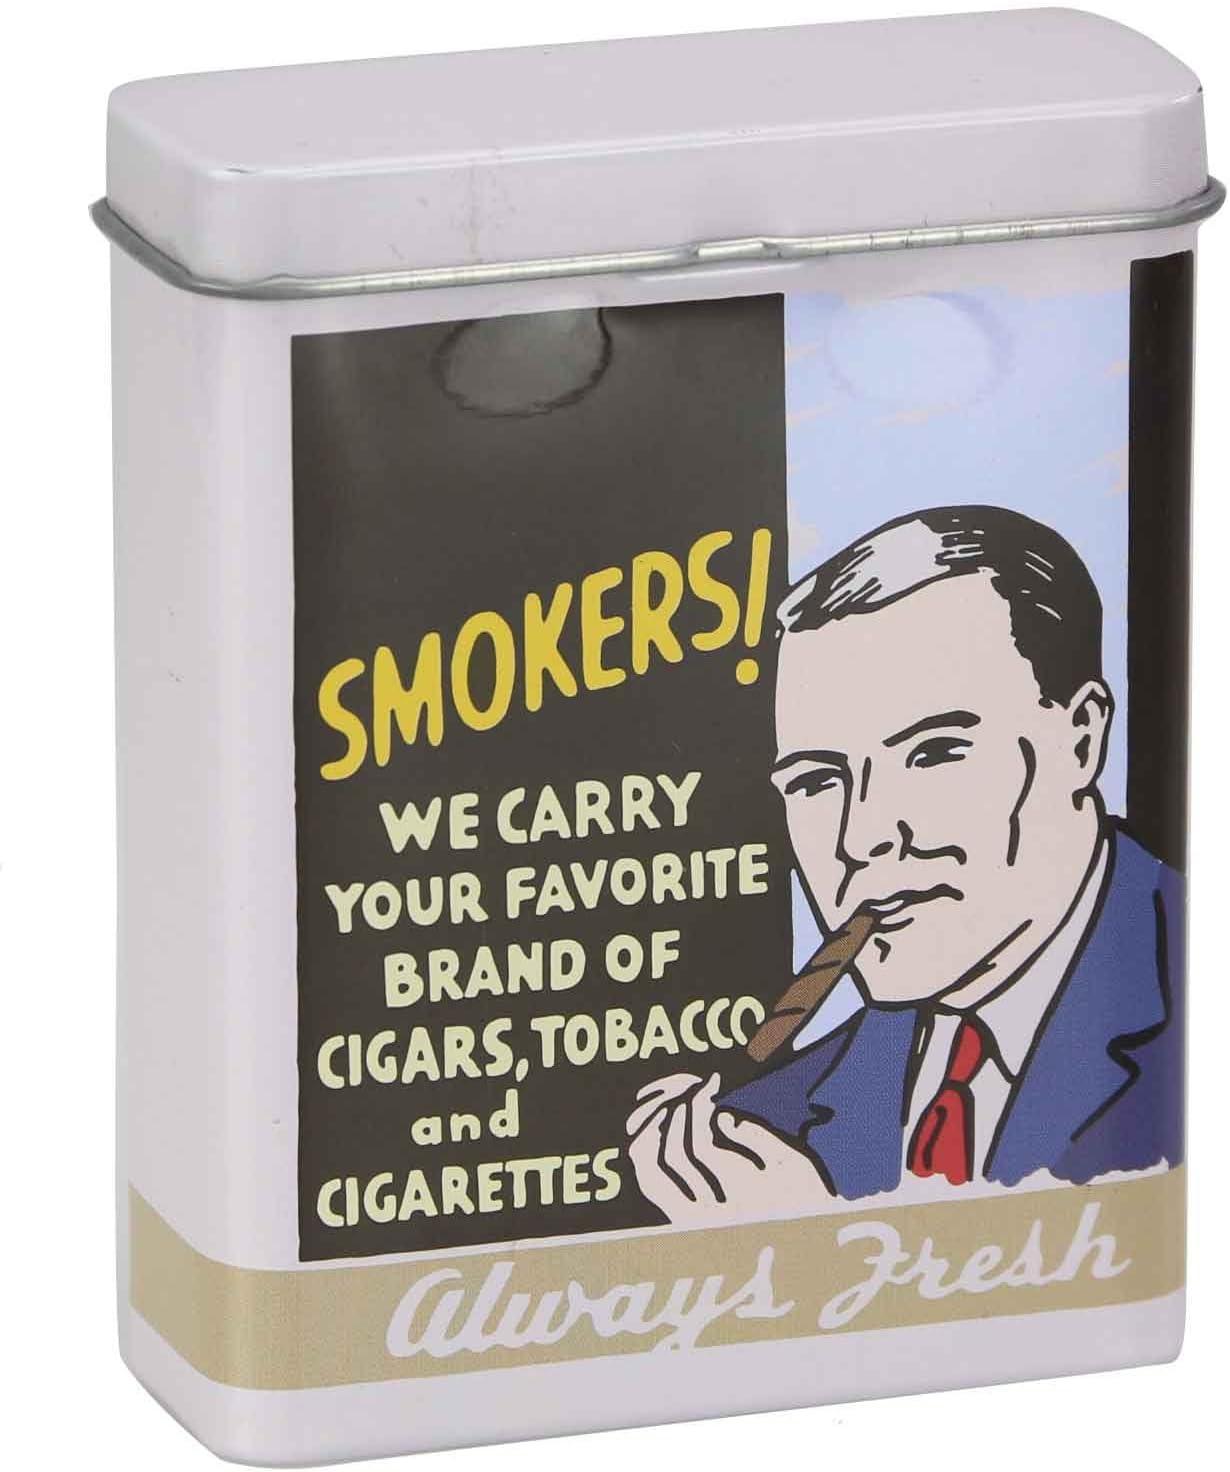 Jeanshose - 2 Caripe Zigarettenbox 20 Zigaretten Zigarettendose Metall Zigarettenetui Retro Vintage Motiv Damen Herren Hardcase Box